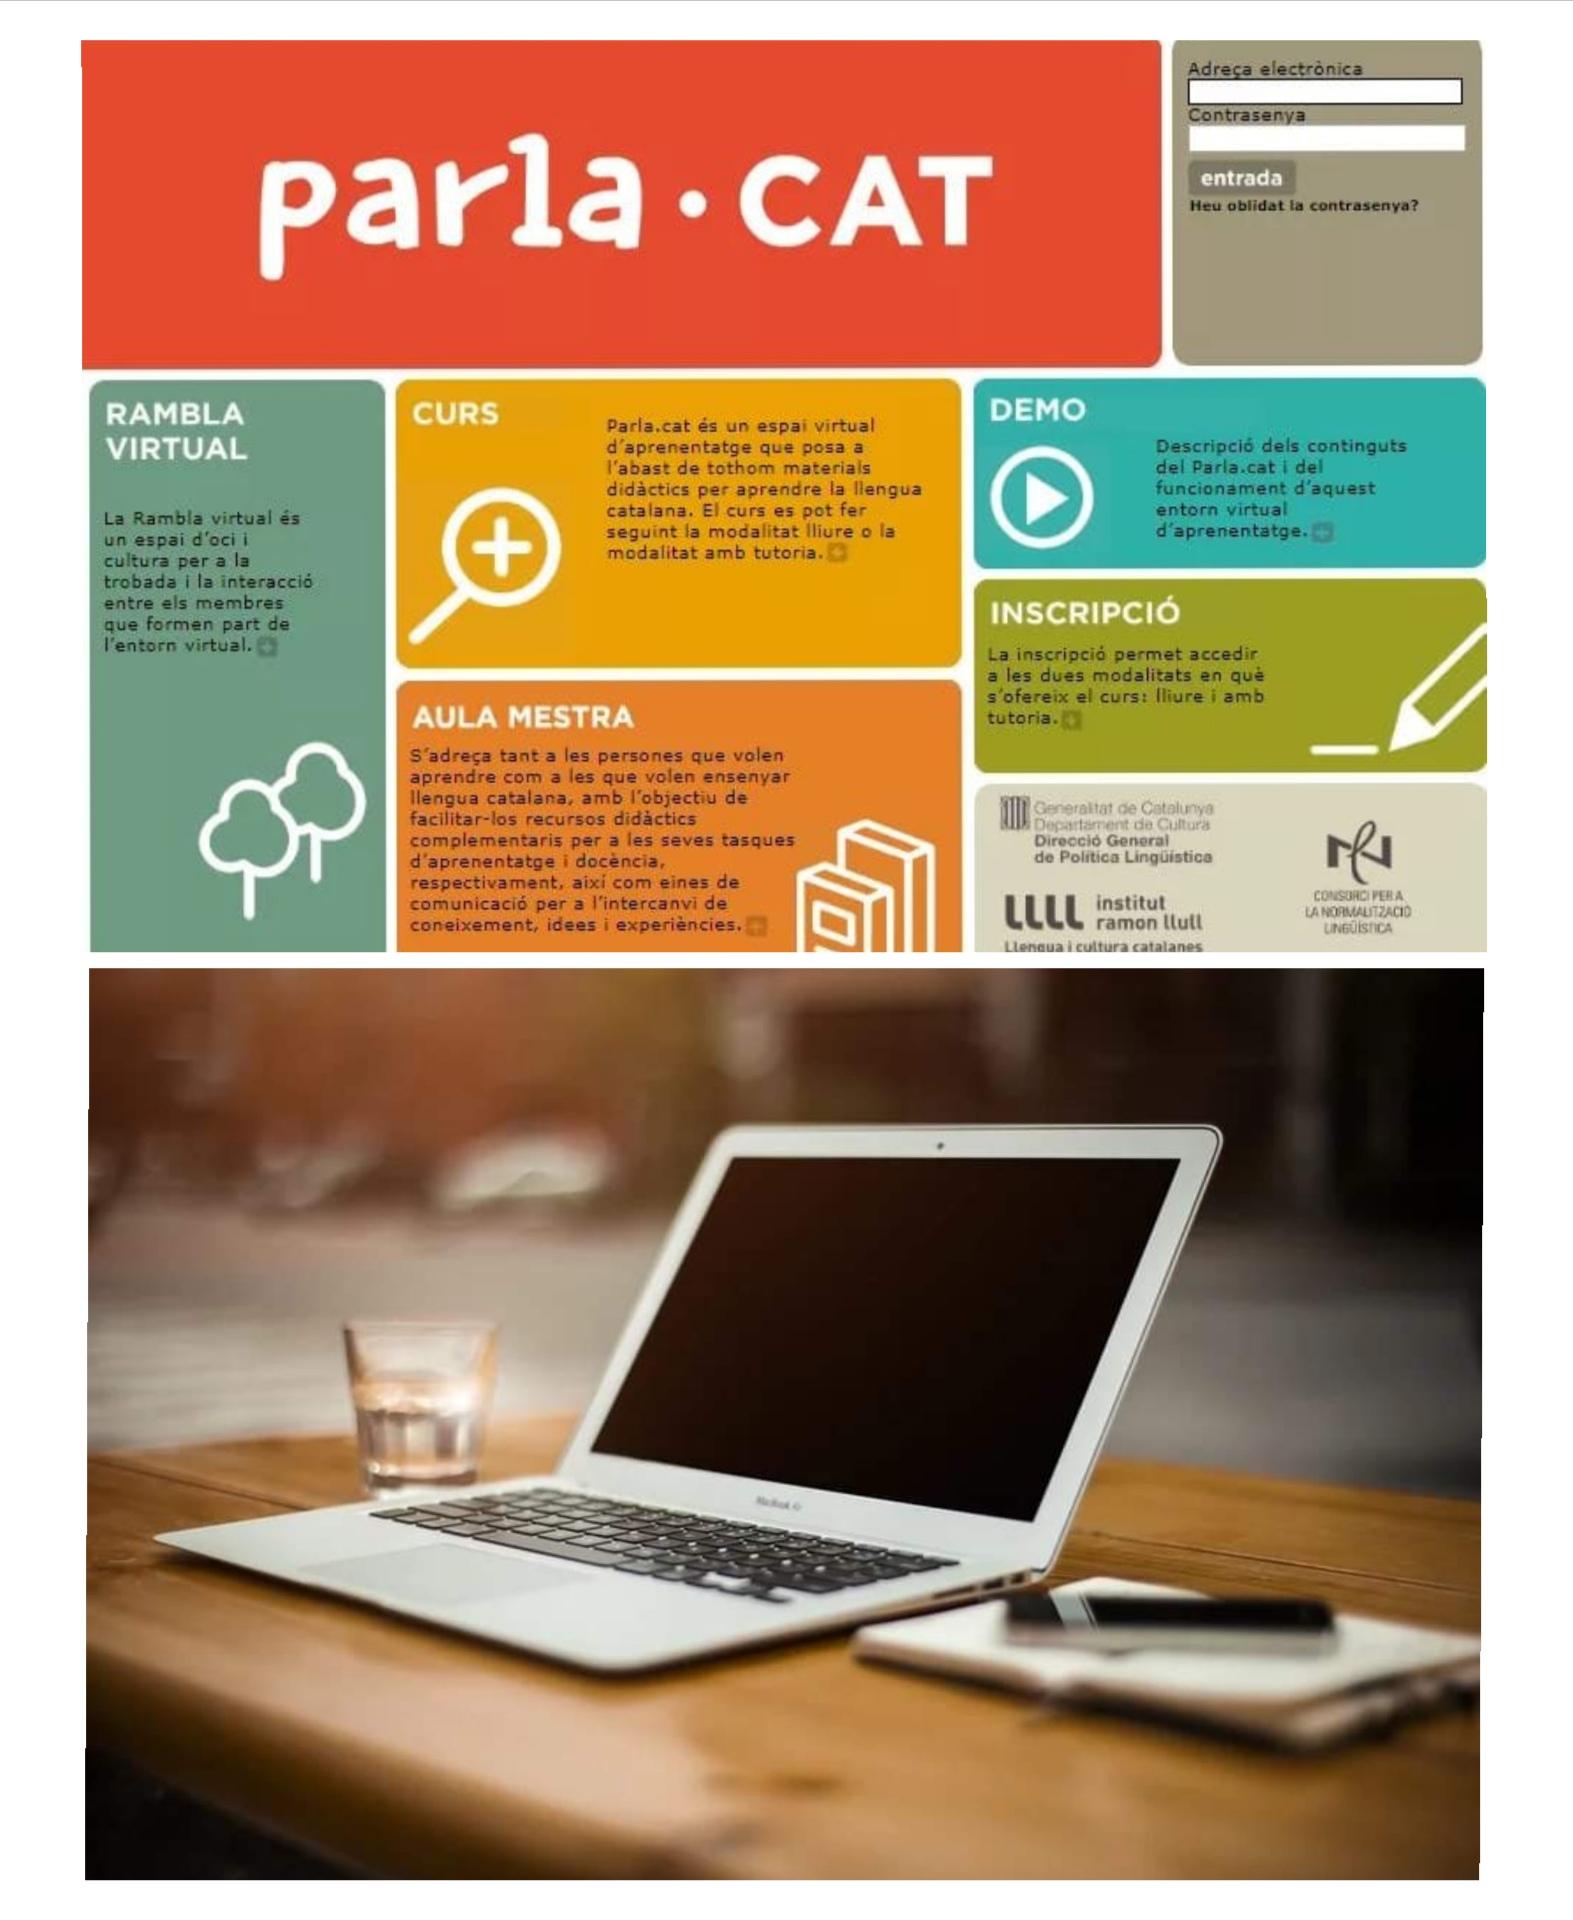 Cursos de català 100 % en línia a través de la plataforma Parla.cat